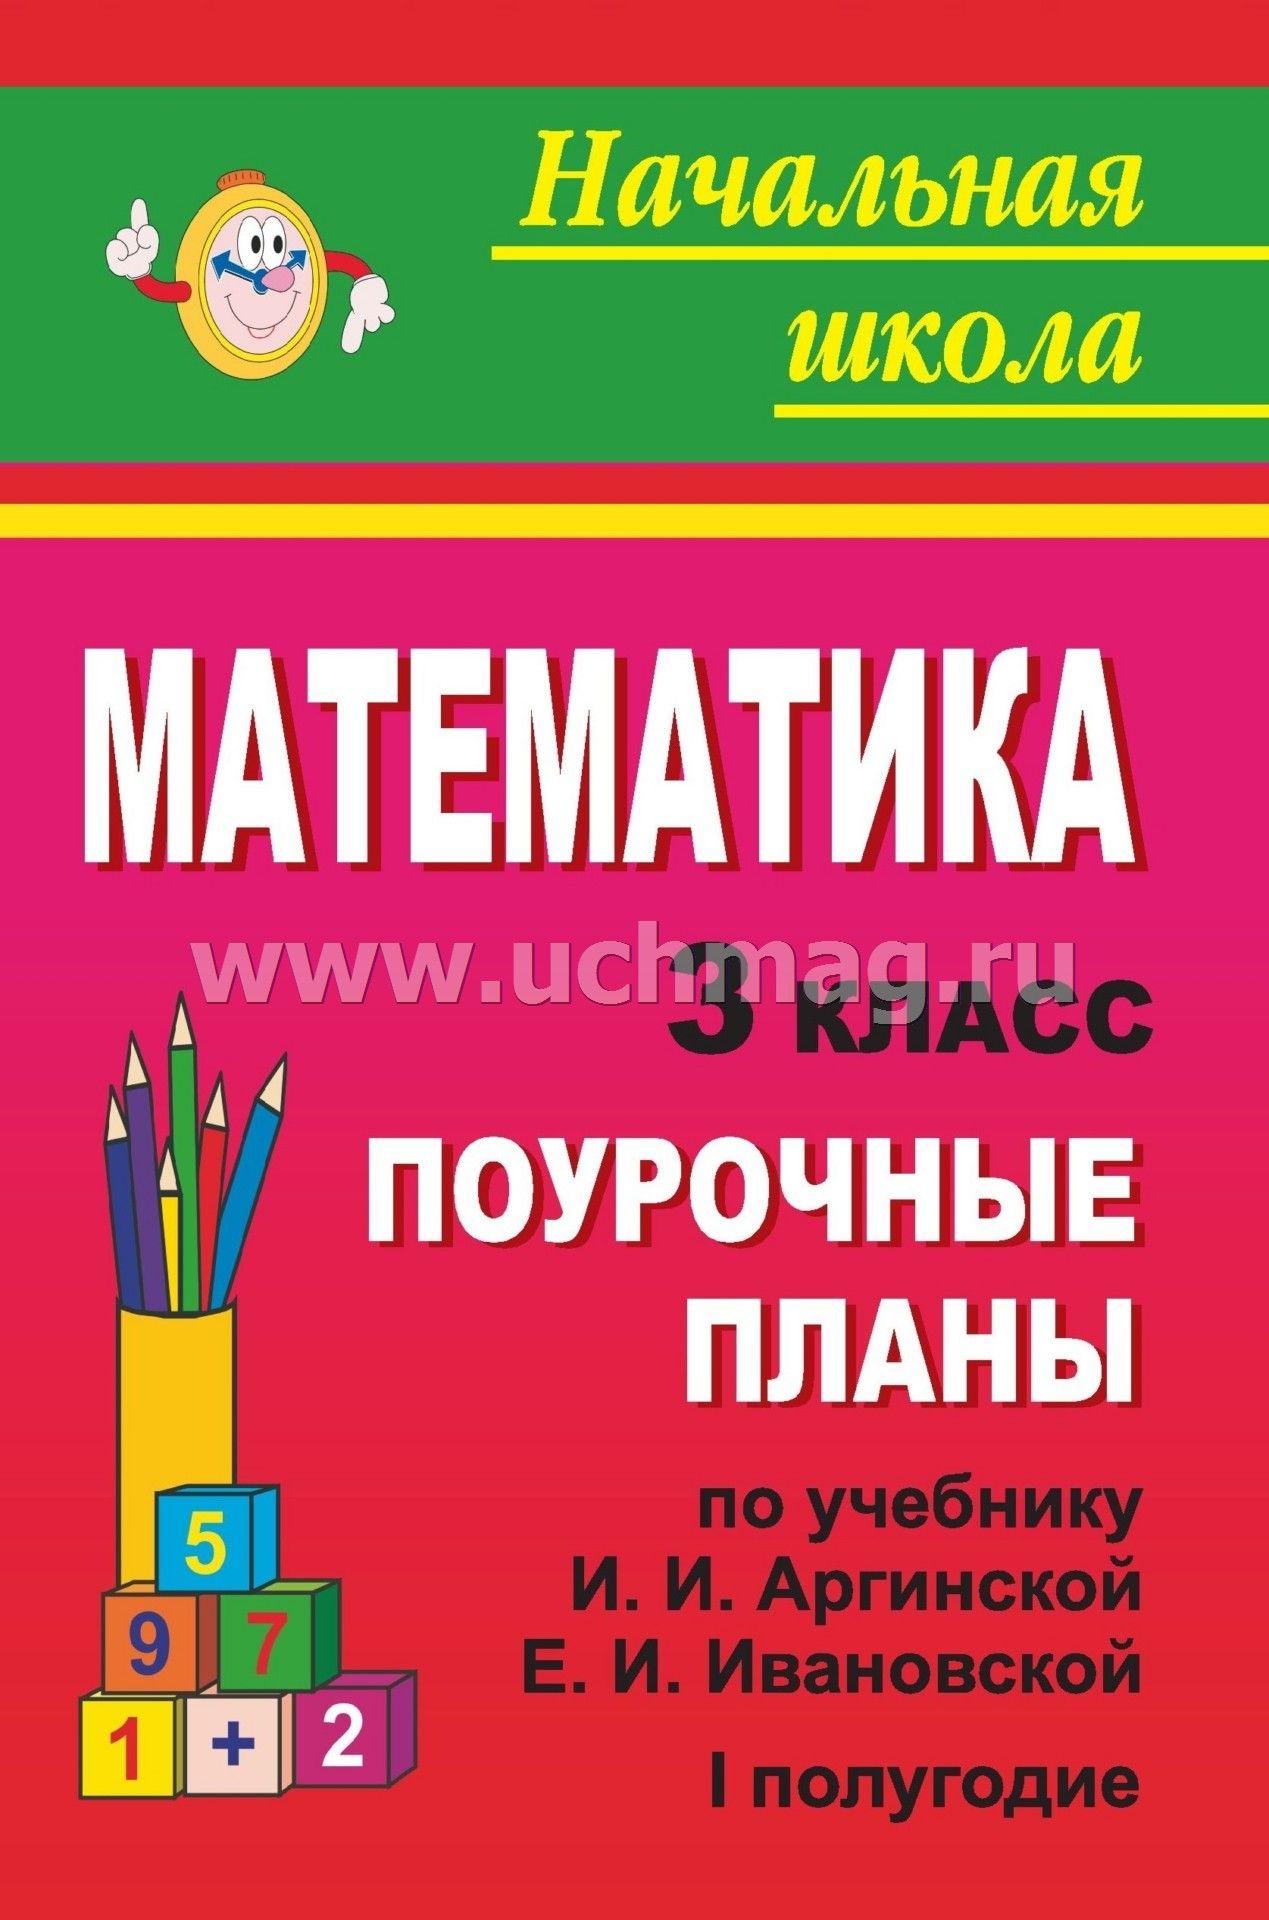 Решебник по русскому языку 4 класс а в полякова скачать без регистрации